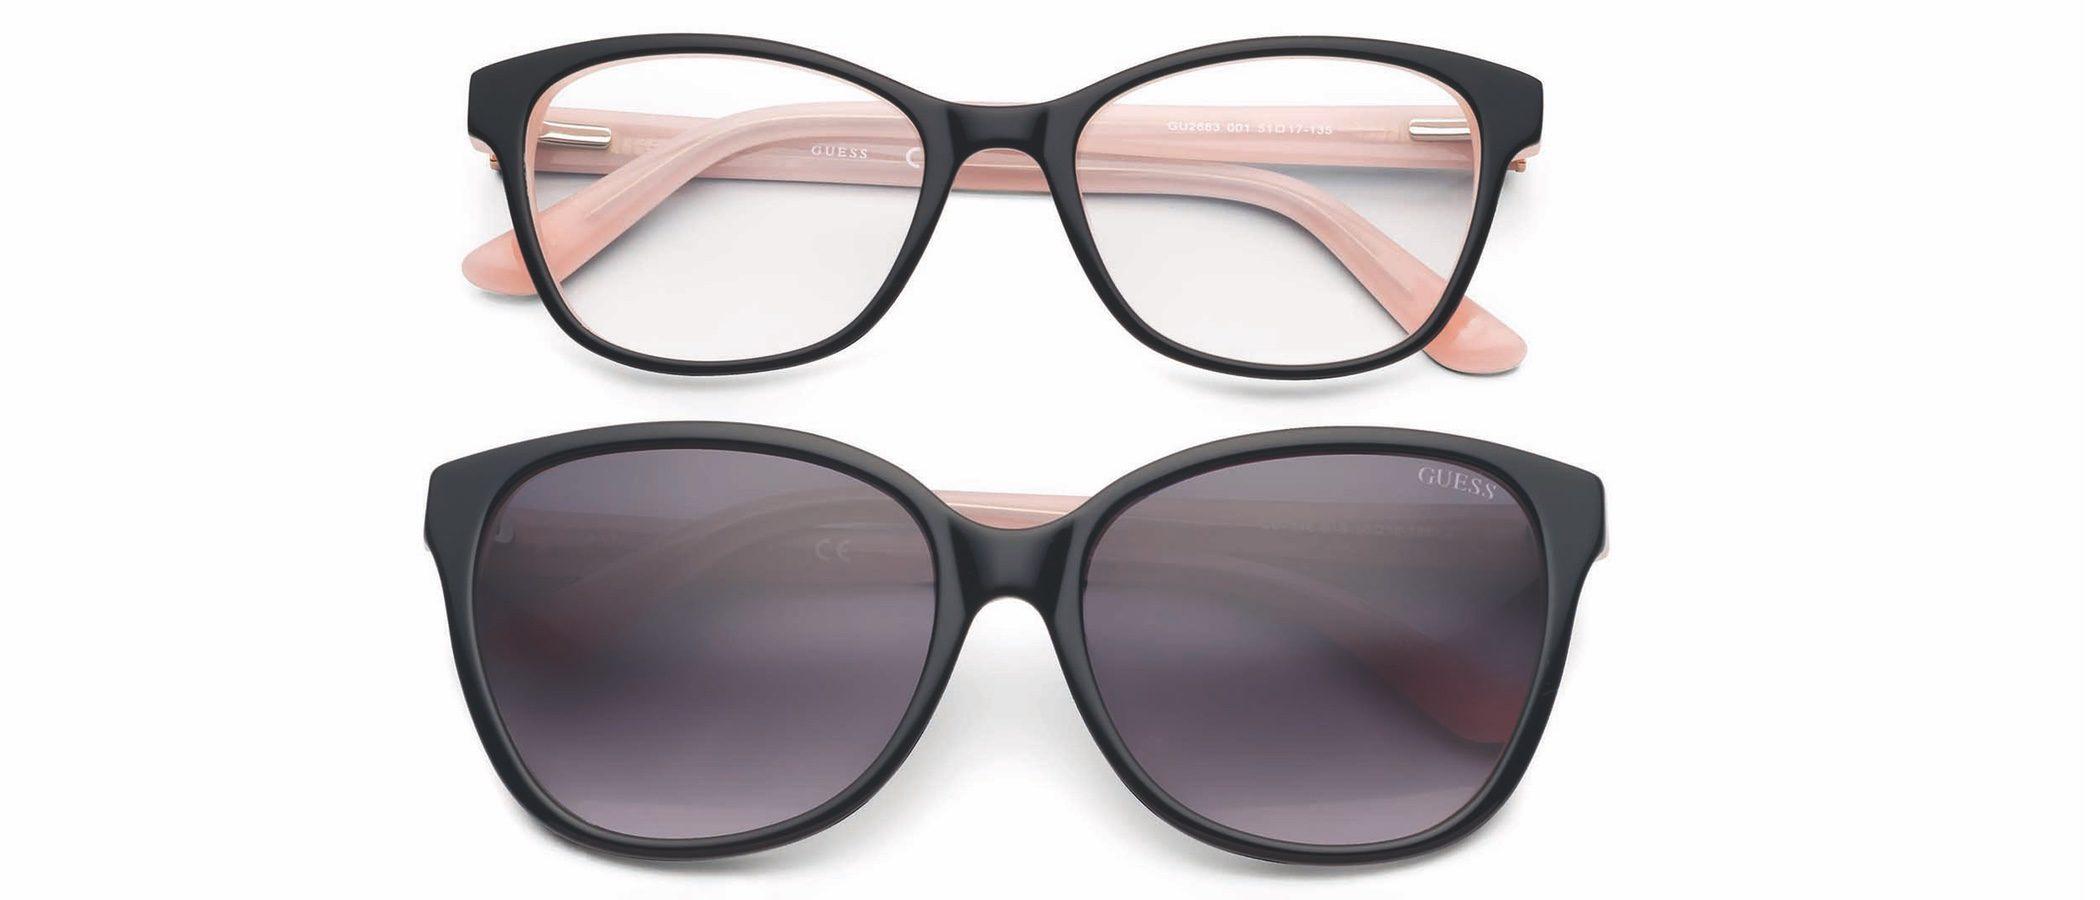 Guess Eyewear se une a la lucha contra el cáncer de mama con su colección 'The Get in Touch 2017'